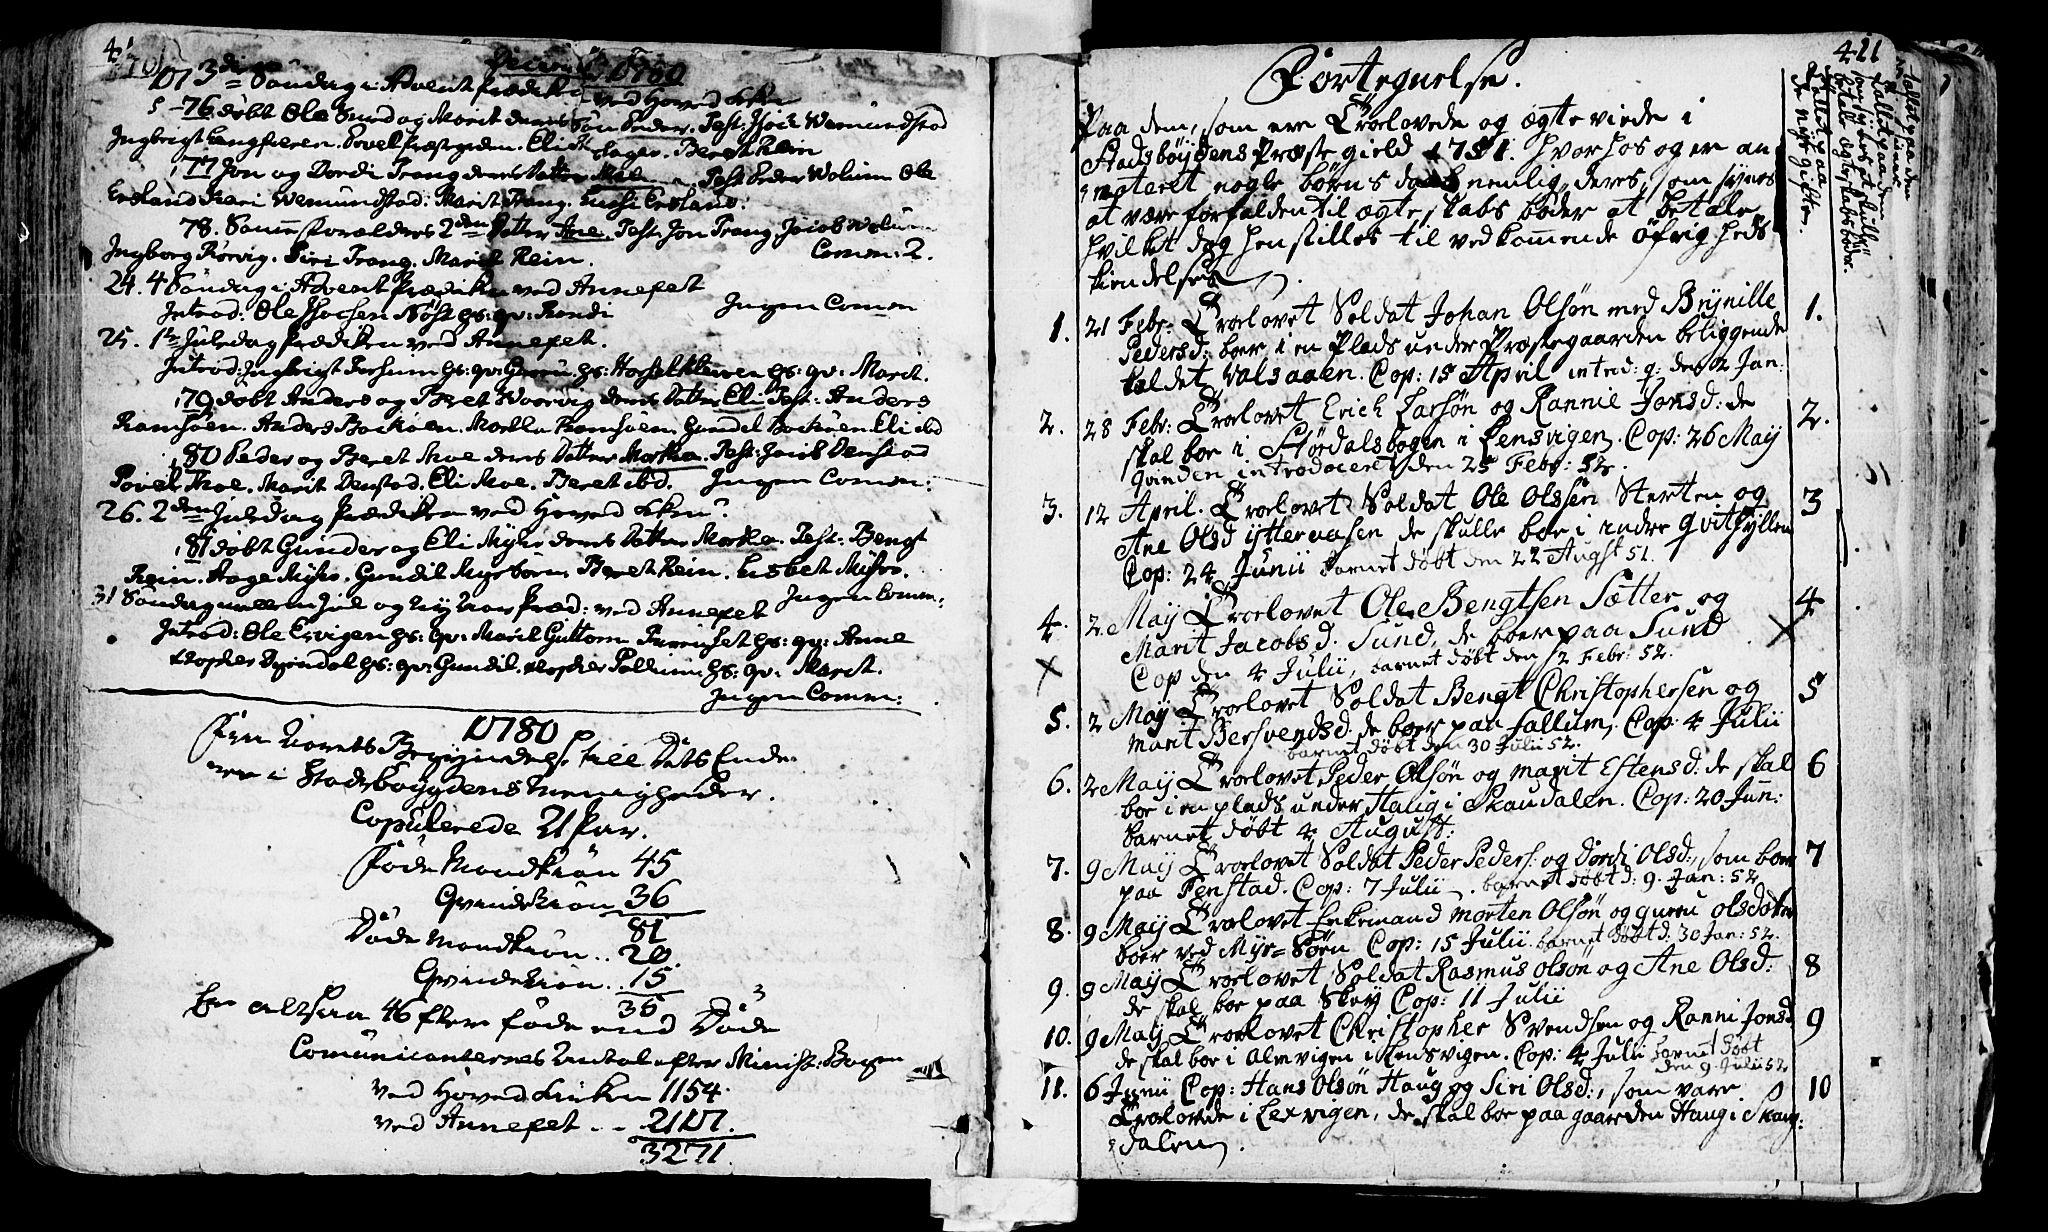 SAT, Ministerialprotokoller, klokkerbøker og fødselsregistre - Sør-Trøndelag, 646/L0605: Ministerialbok nr. 646A03, 1751-1790, s. 410b-411b